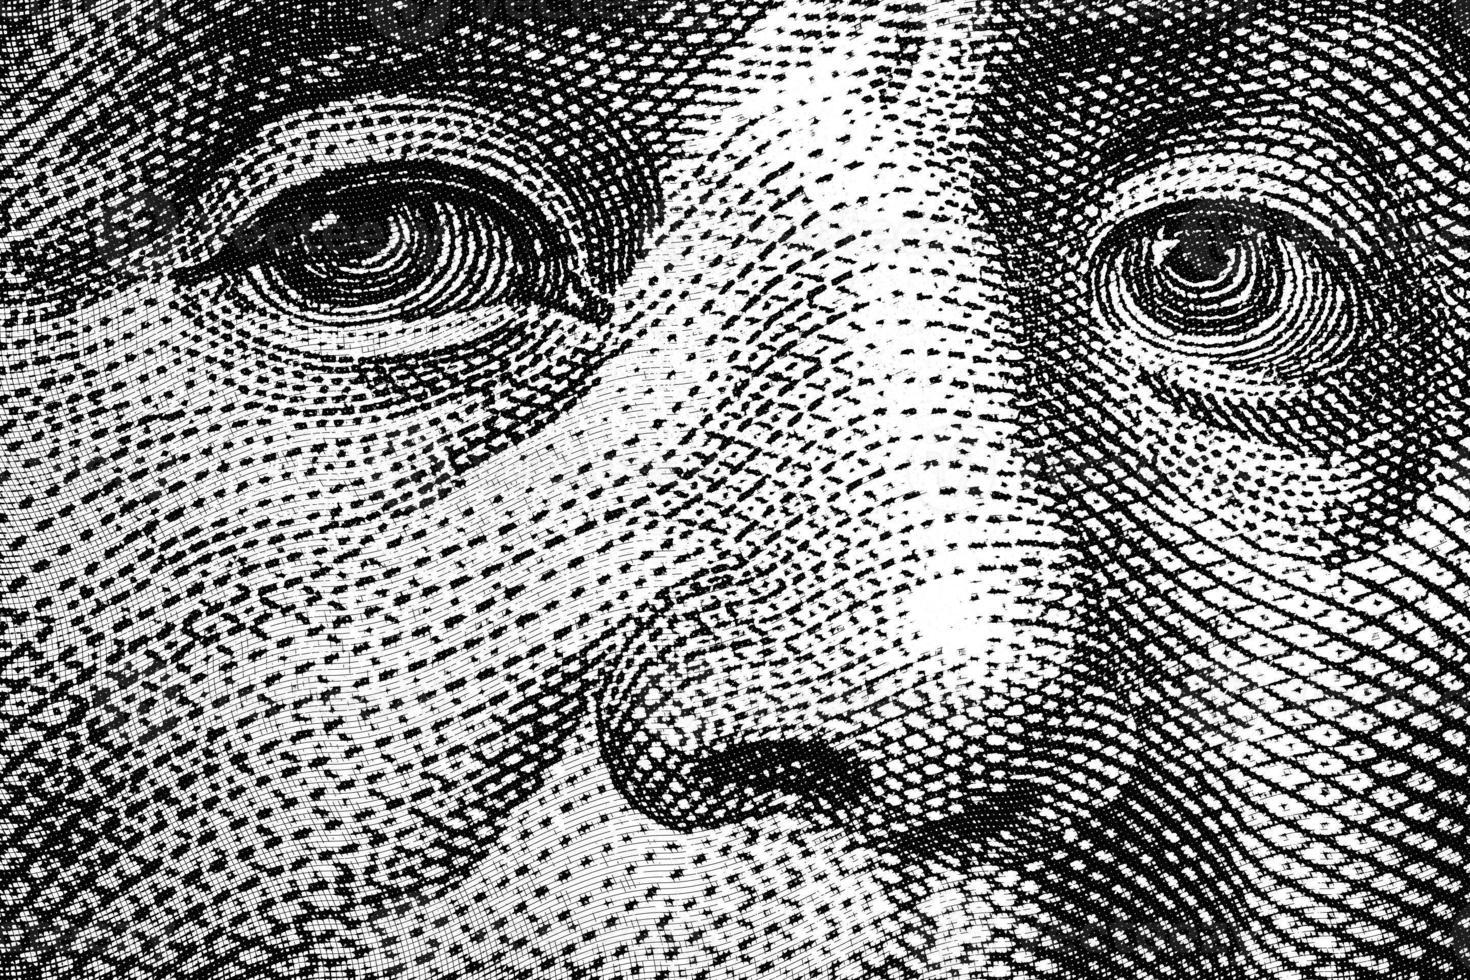 Benjamin Franklin Eyes photo